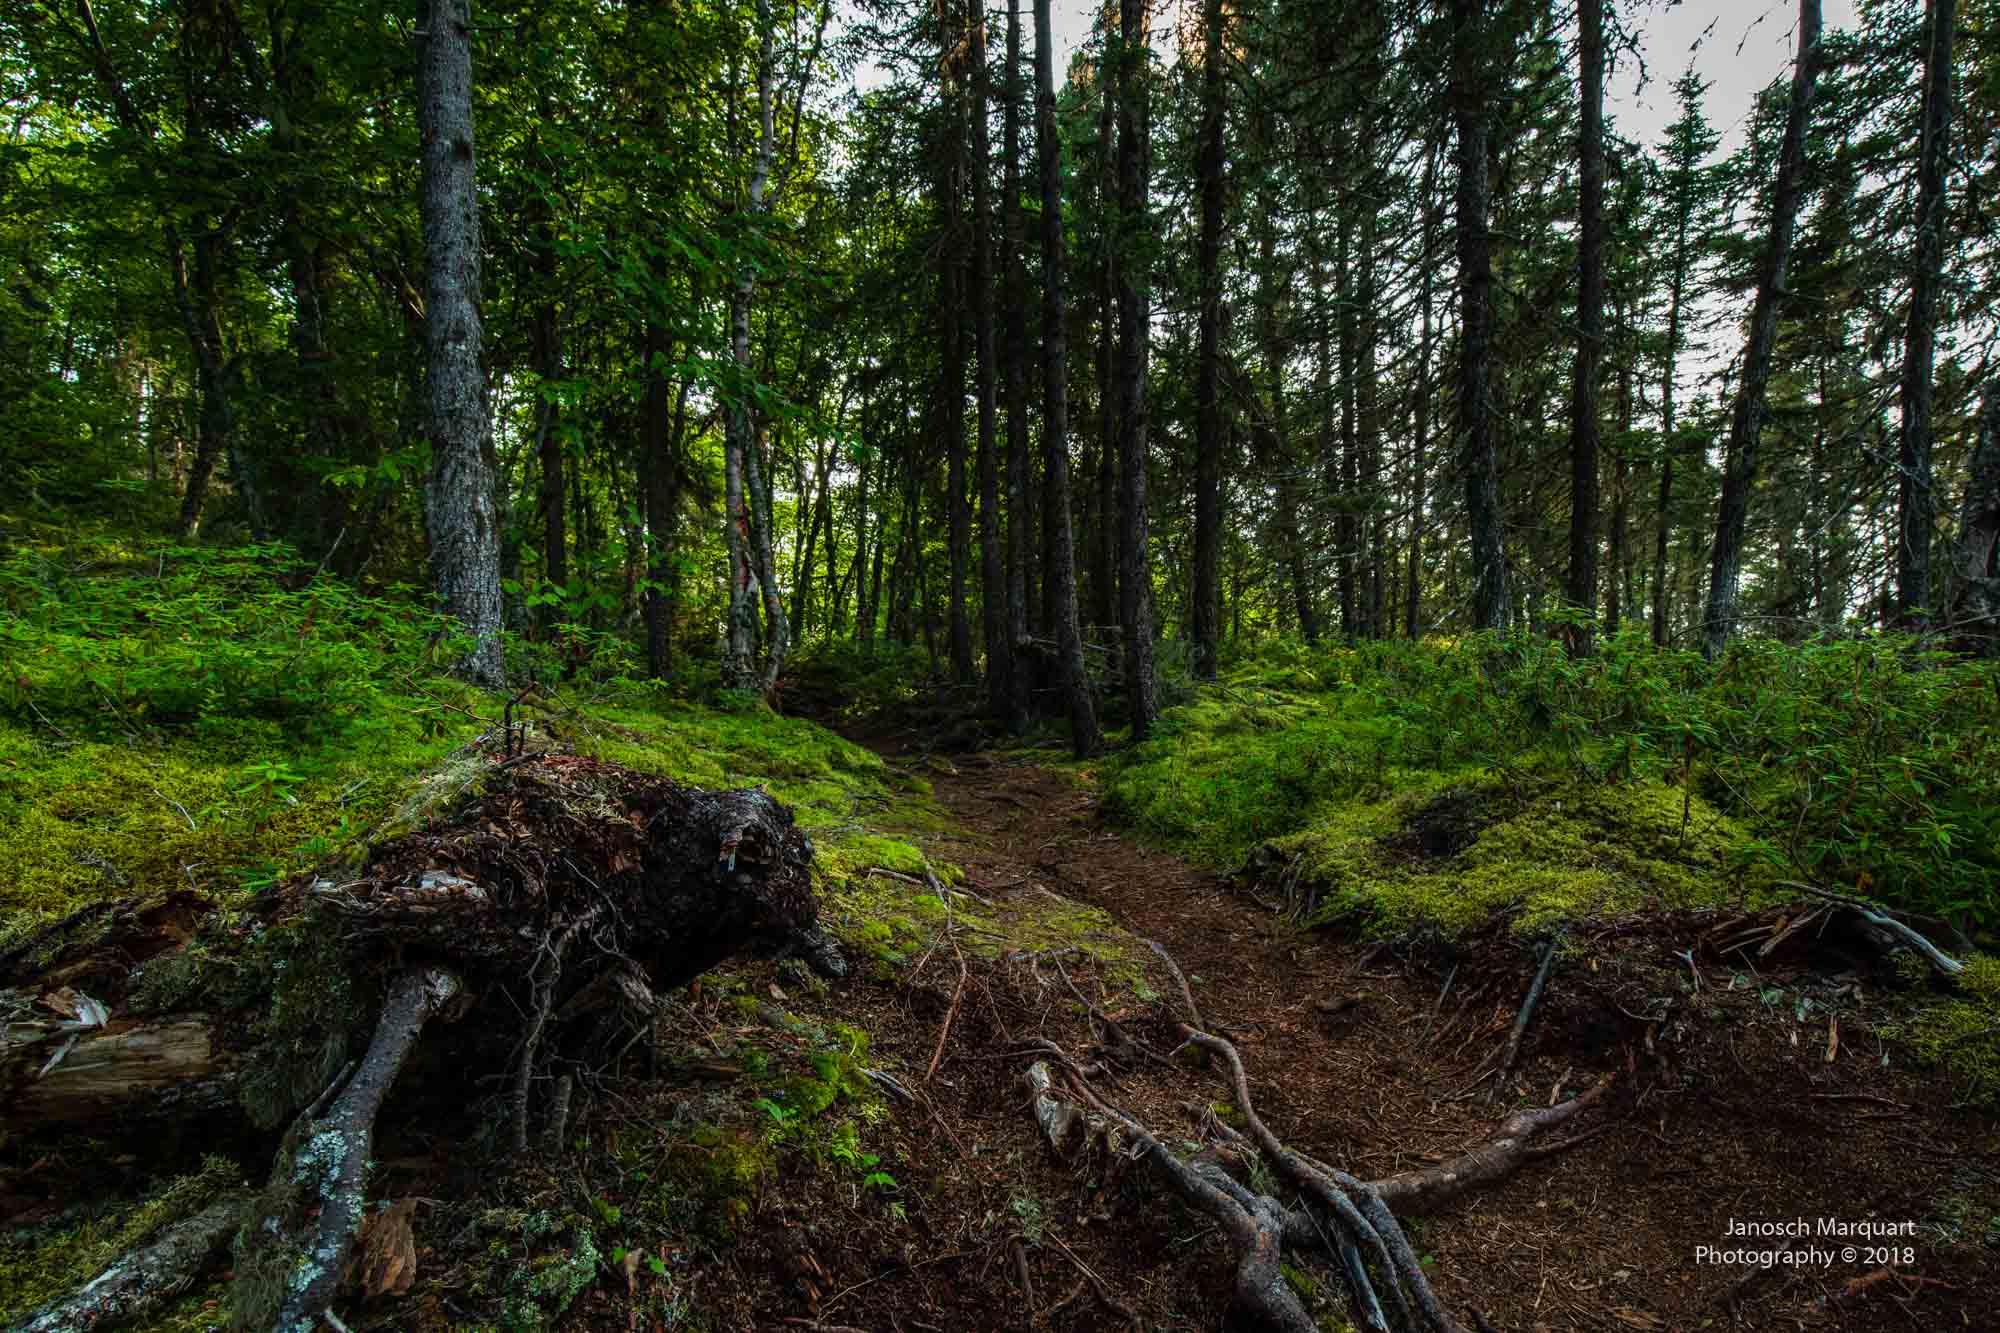 Foto eines Waldweges mit vielen Wurzeln darauf.